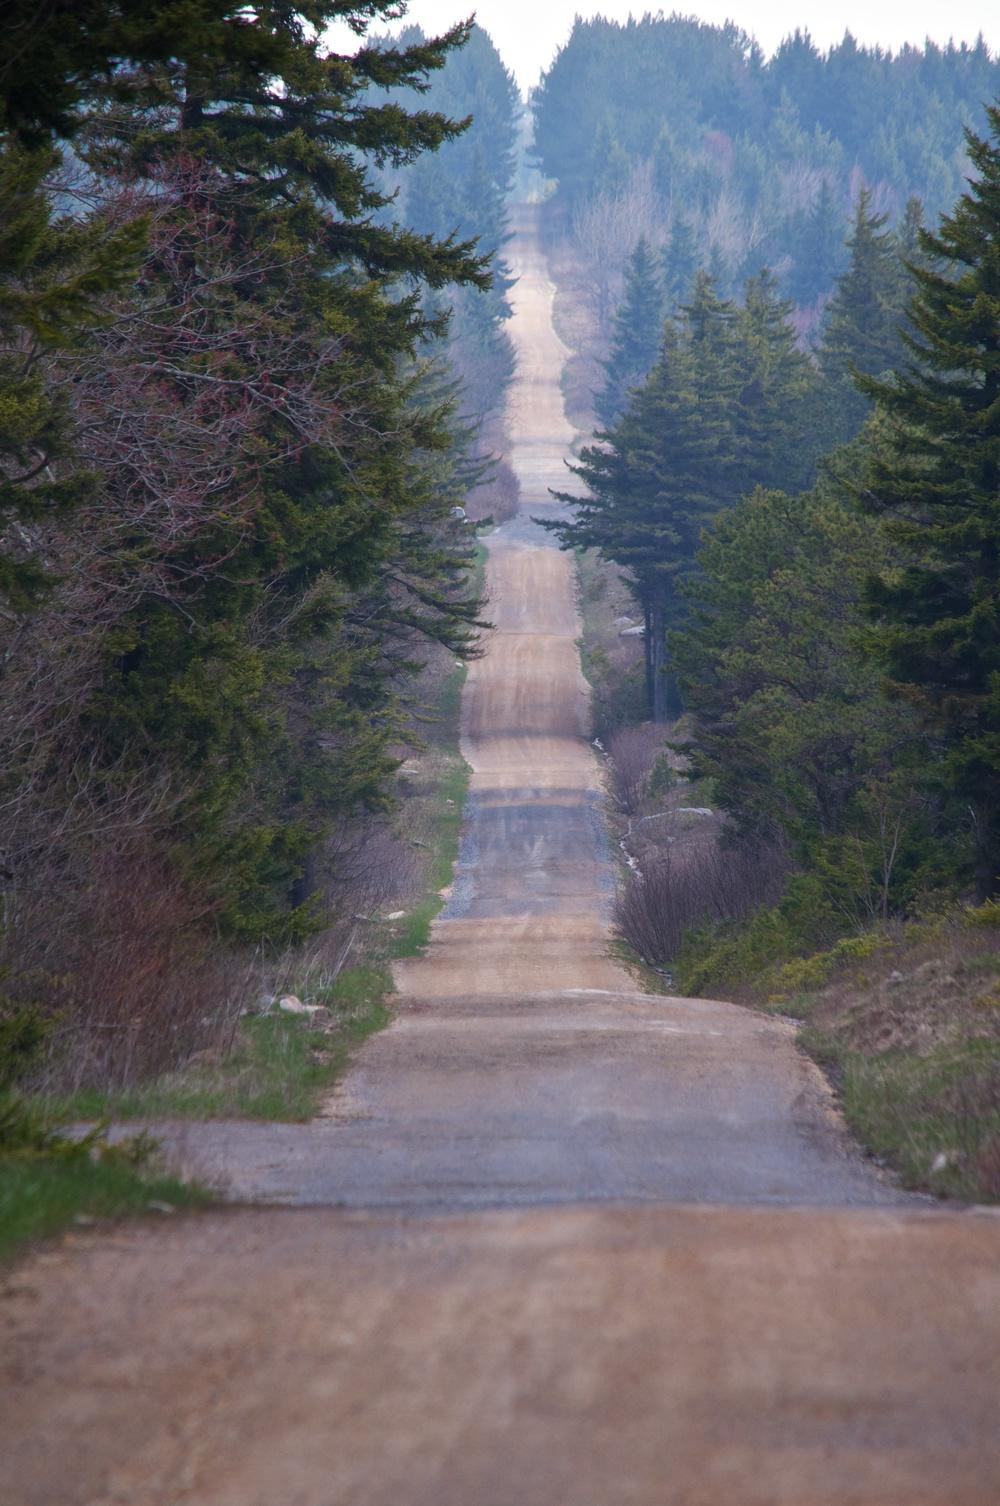 nature, forest, landscape, road, path, dolly sods, monongahela